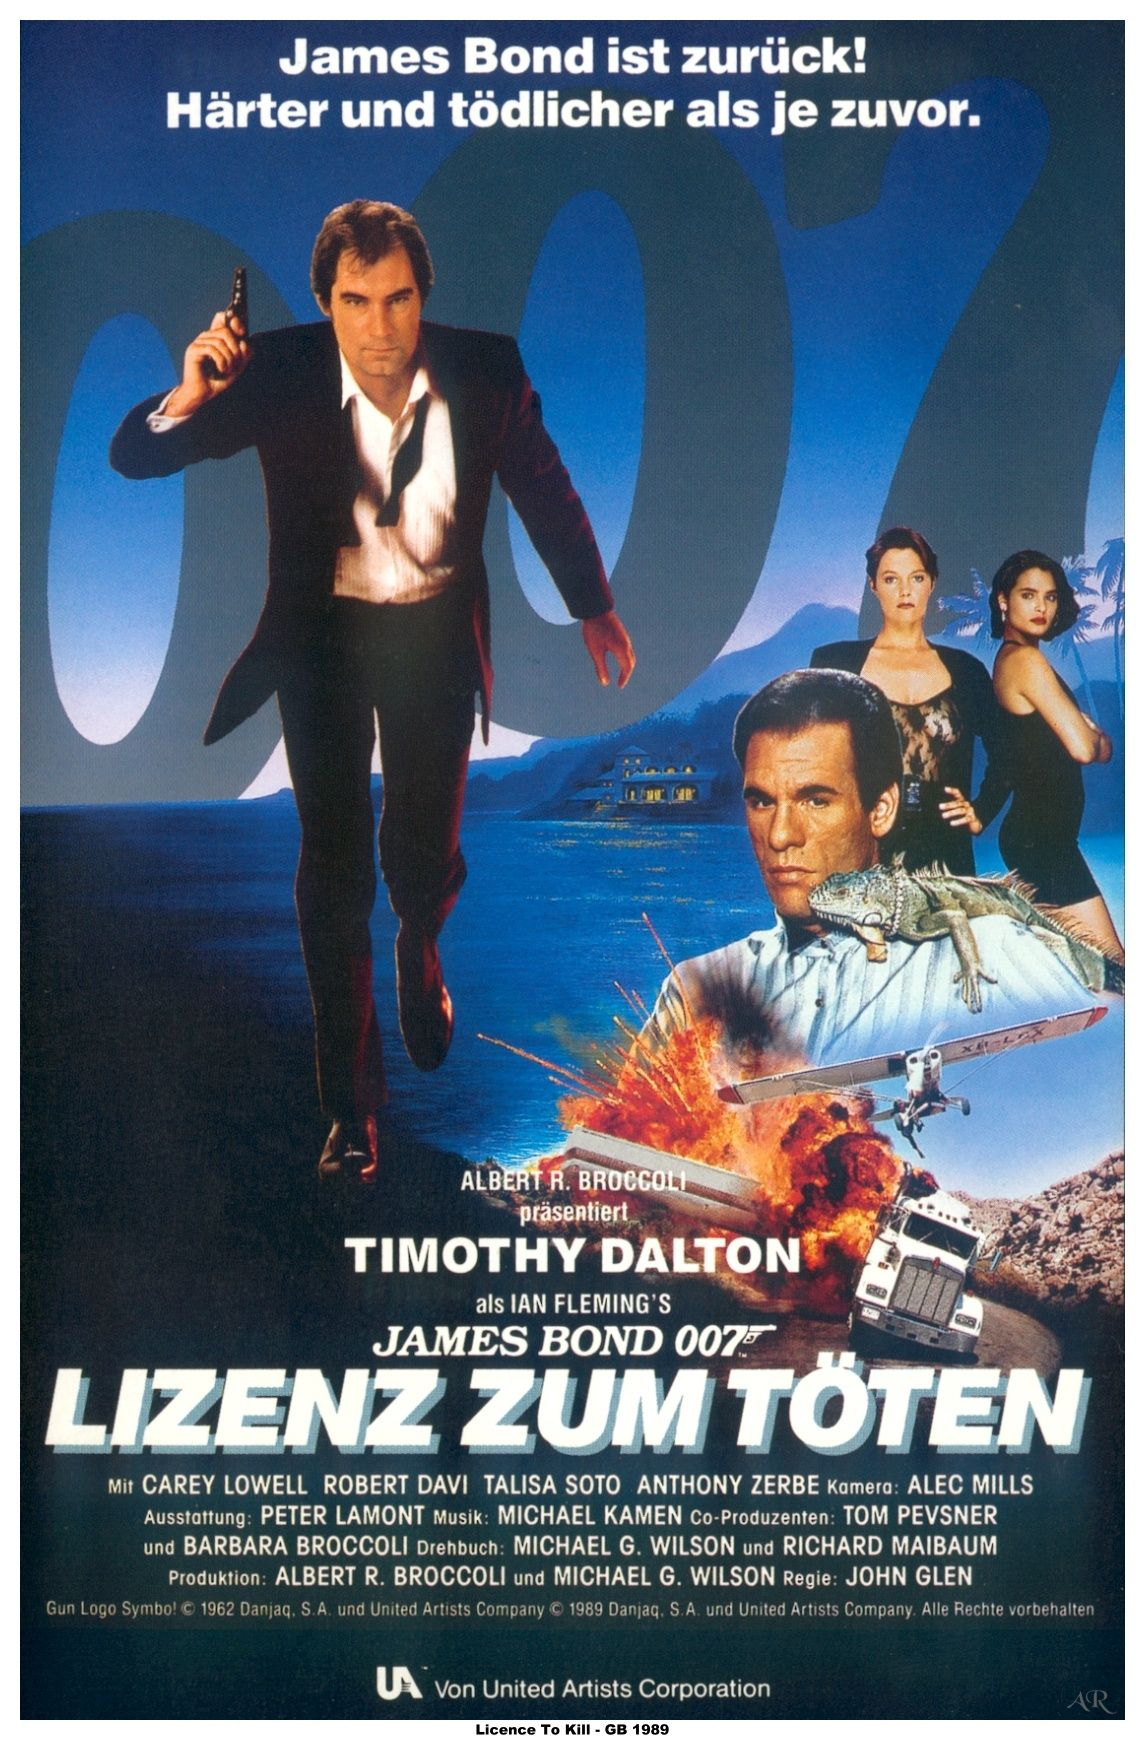 German Ltk Poster James Bond Movies James Bond Movie Posters